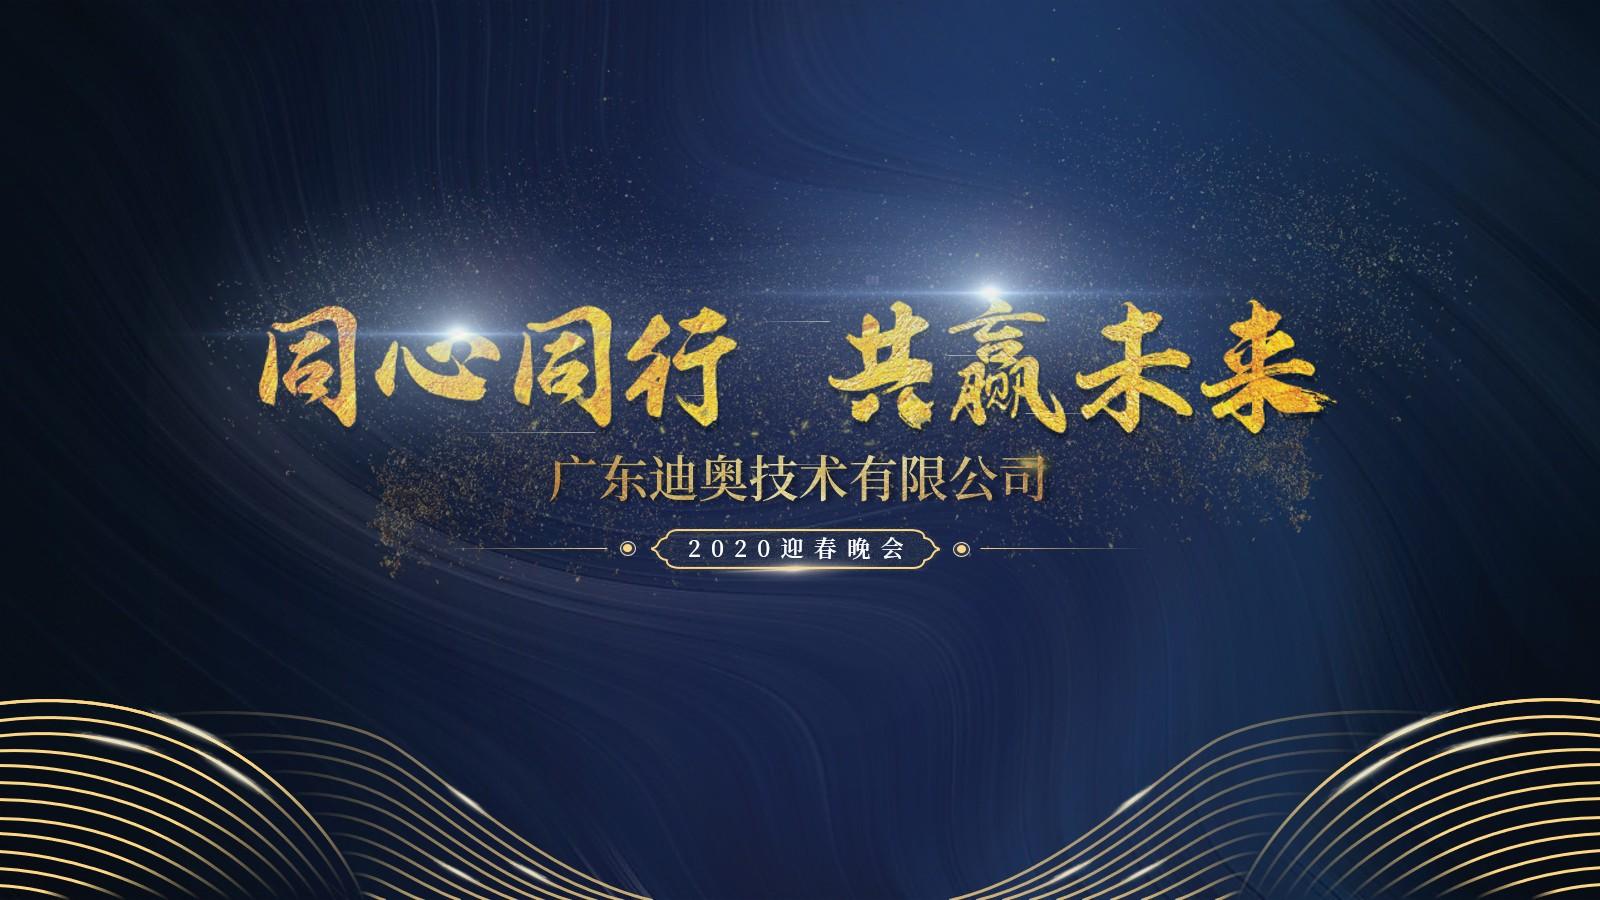 广东龙8国际pt技术有限公司2020迎春晚会暨2019表彰大会回顾